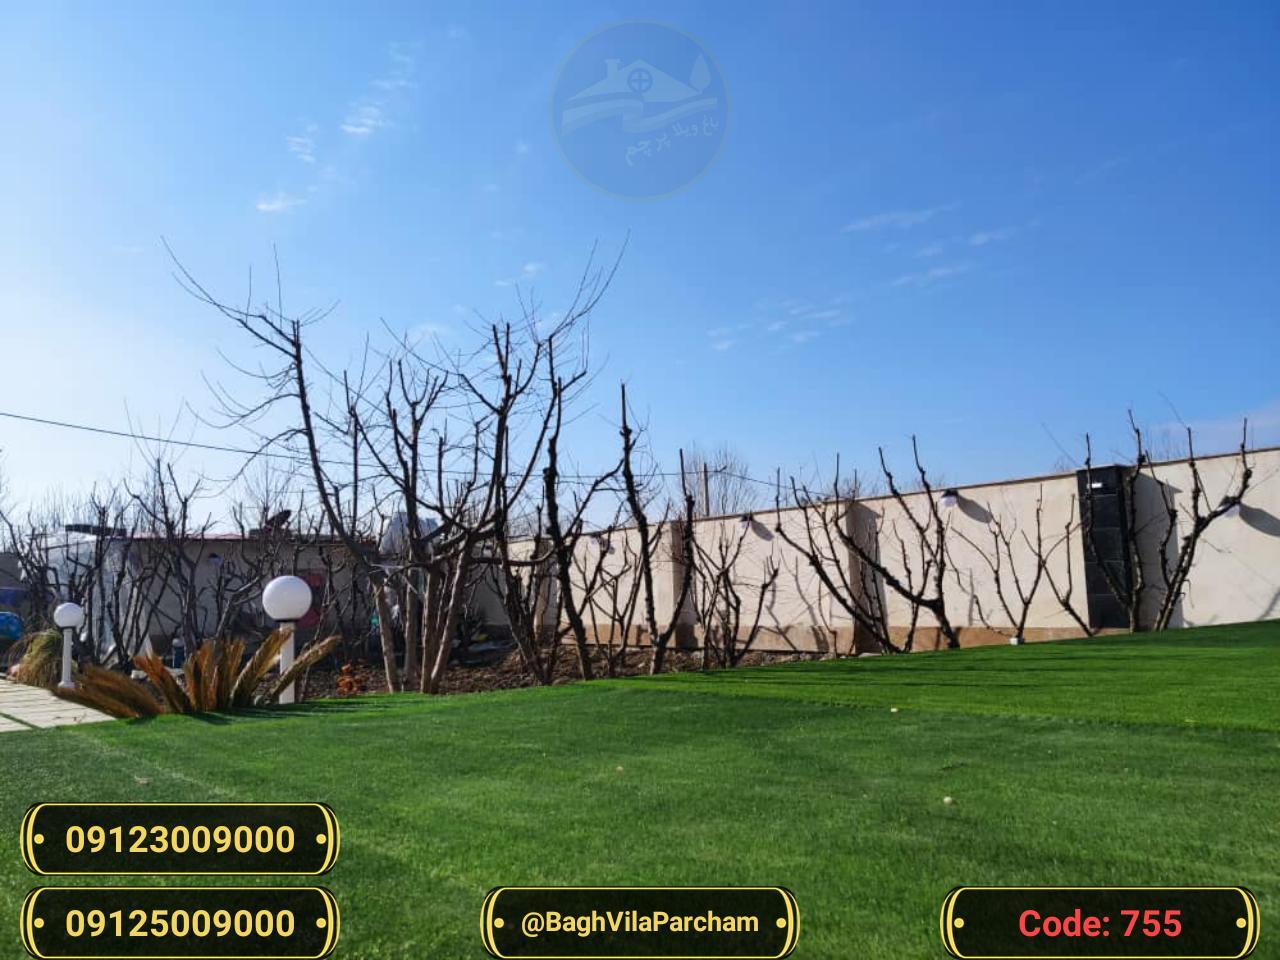 تصویر عکس باغ ویلا شماره 3 از ویلای ۷۰۰ متر ویلا مدرن و شیک Picture photo image 3 of ۷۰۰ متر ویلا مدرن و شیک